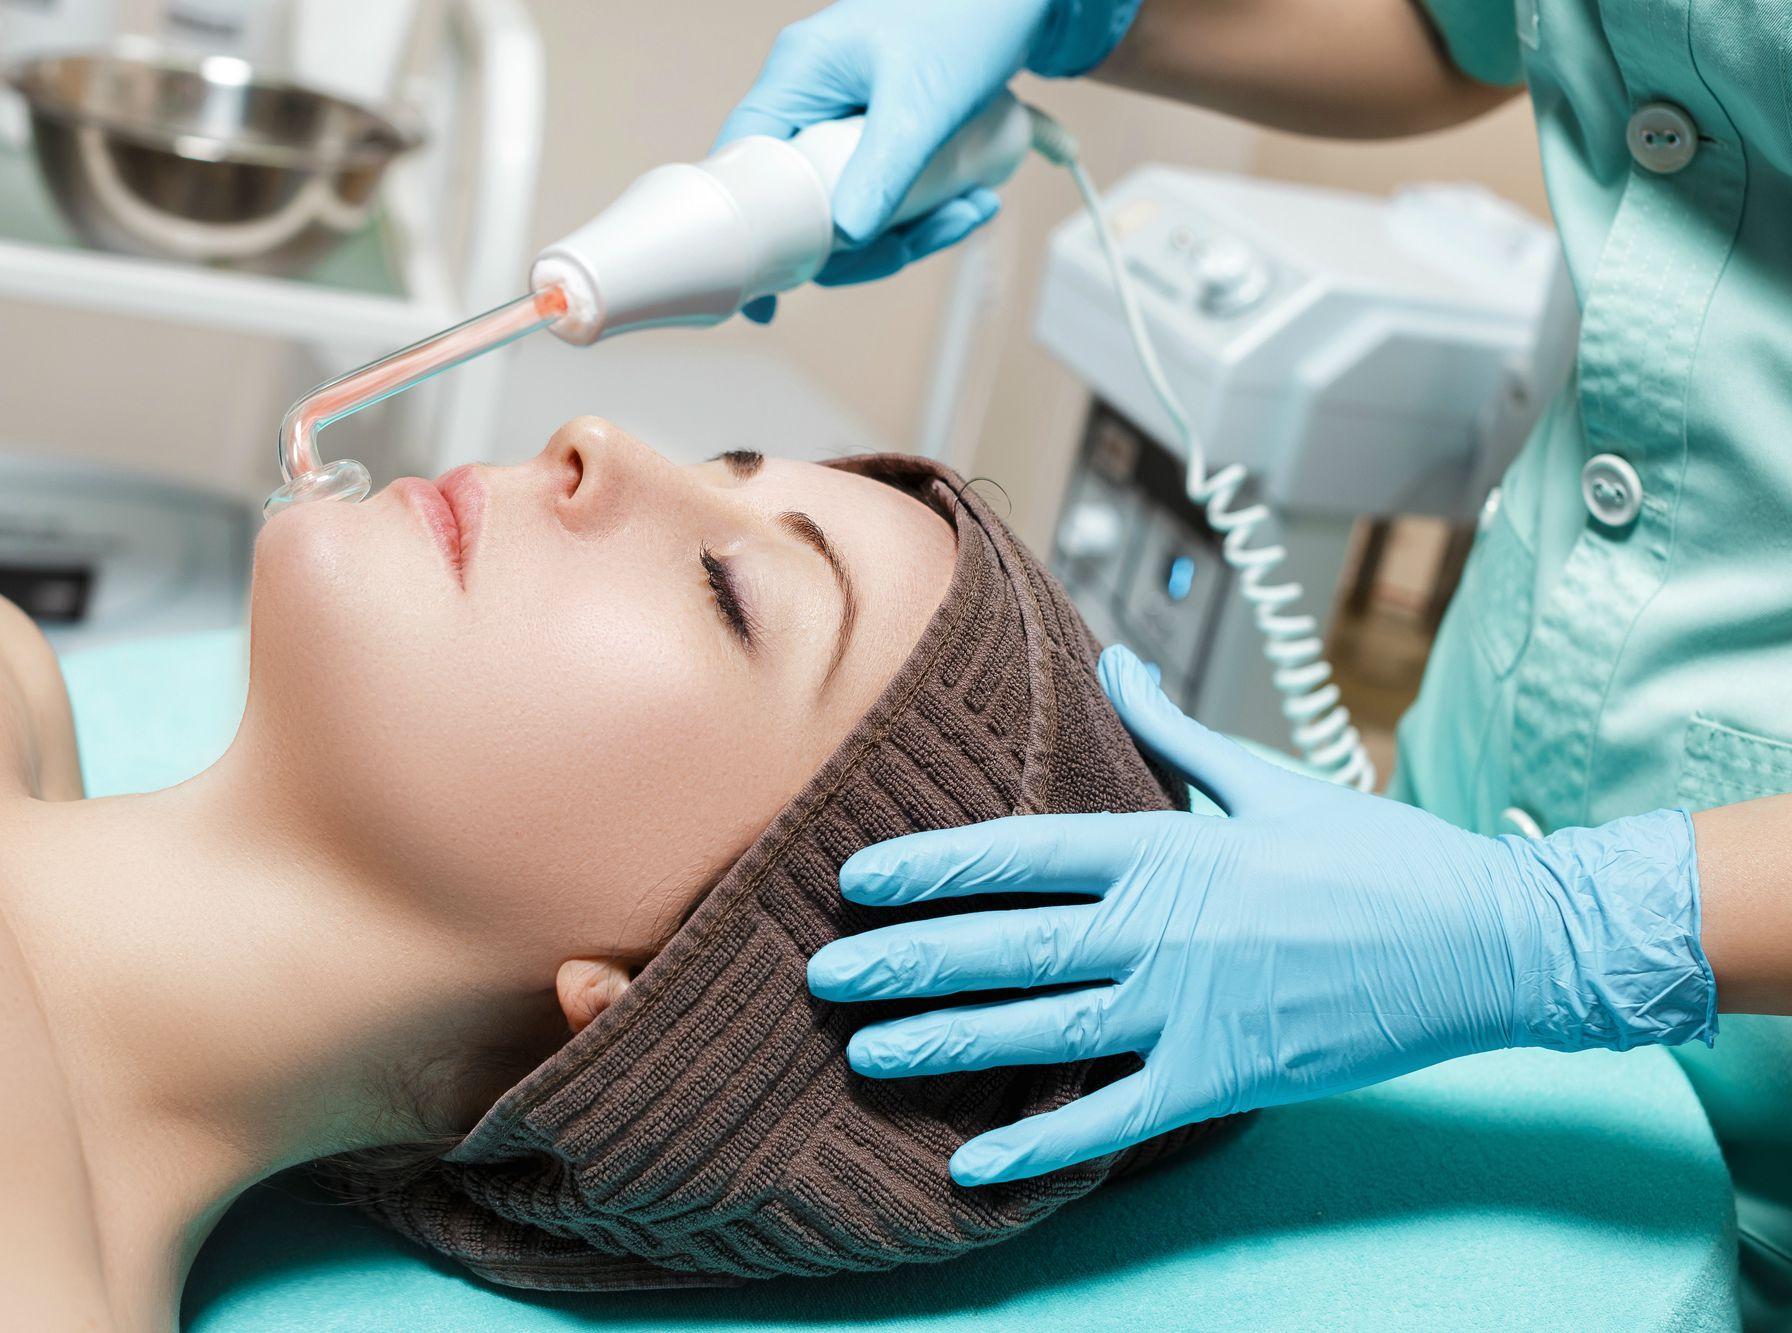 Современные технологии в косметологии помогают сохранить красоту и молодость